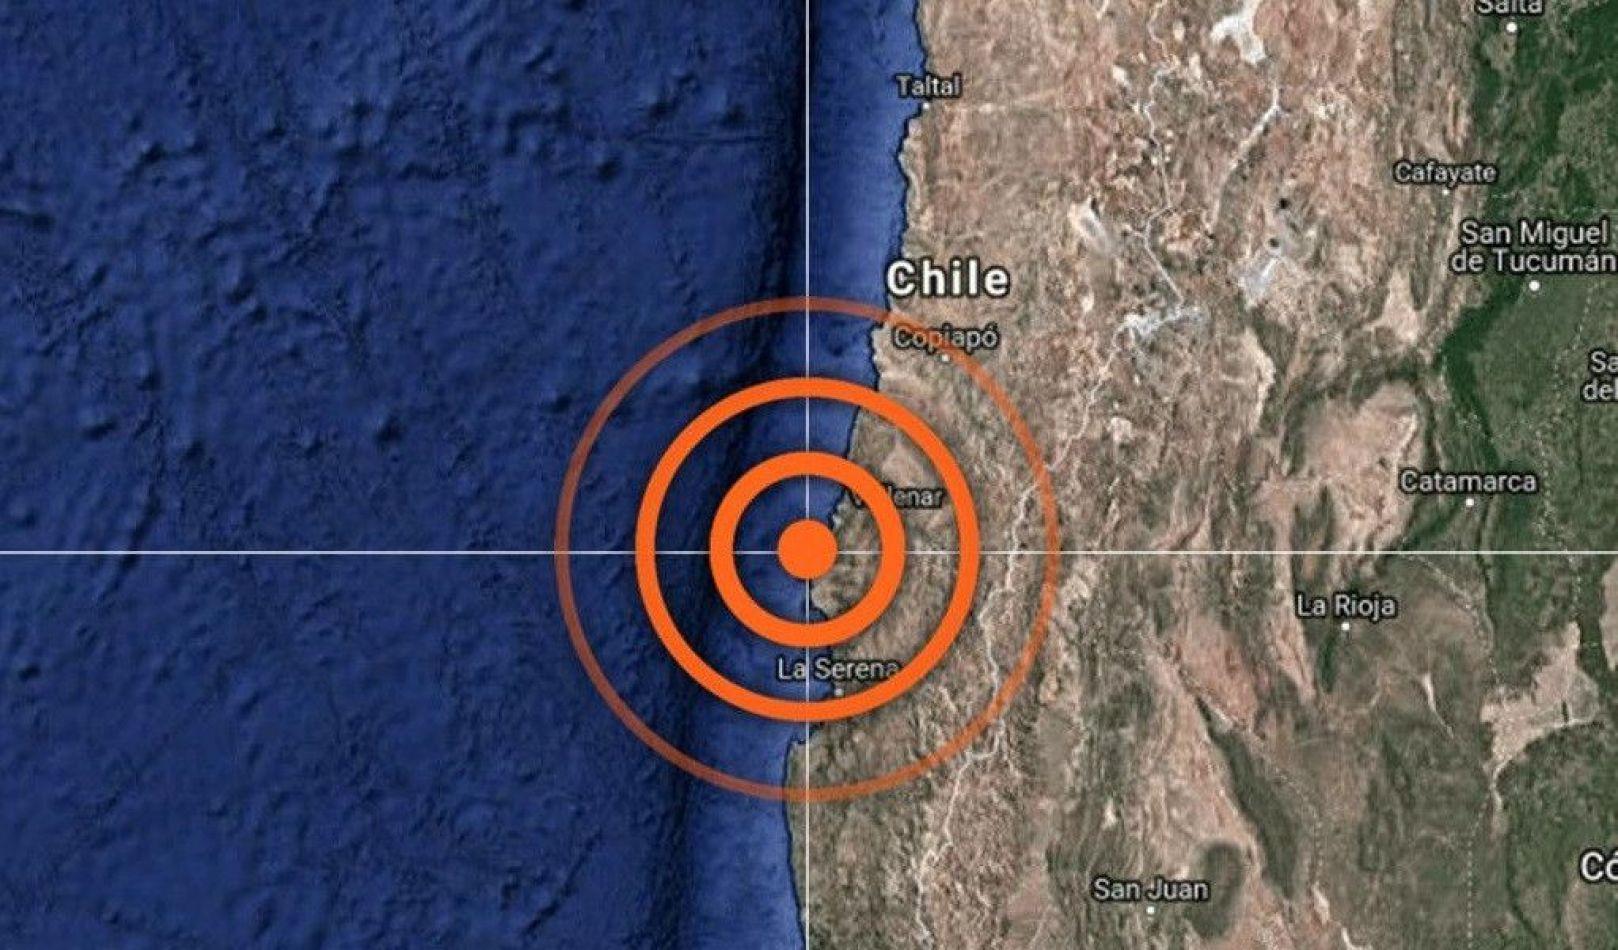 Preocupación en el norte de Chile por diez sismos en dos semanas